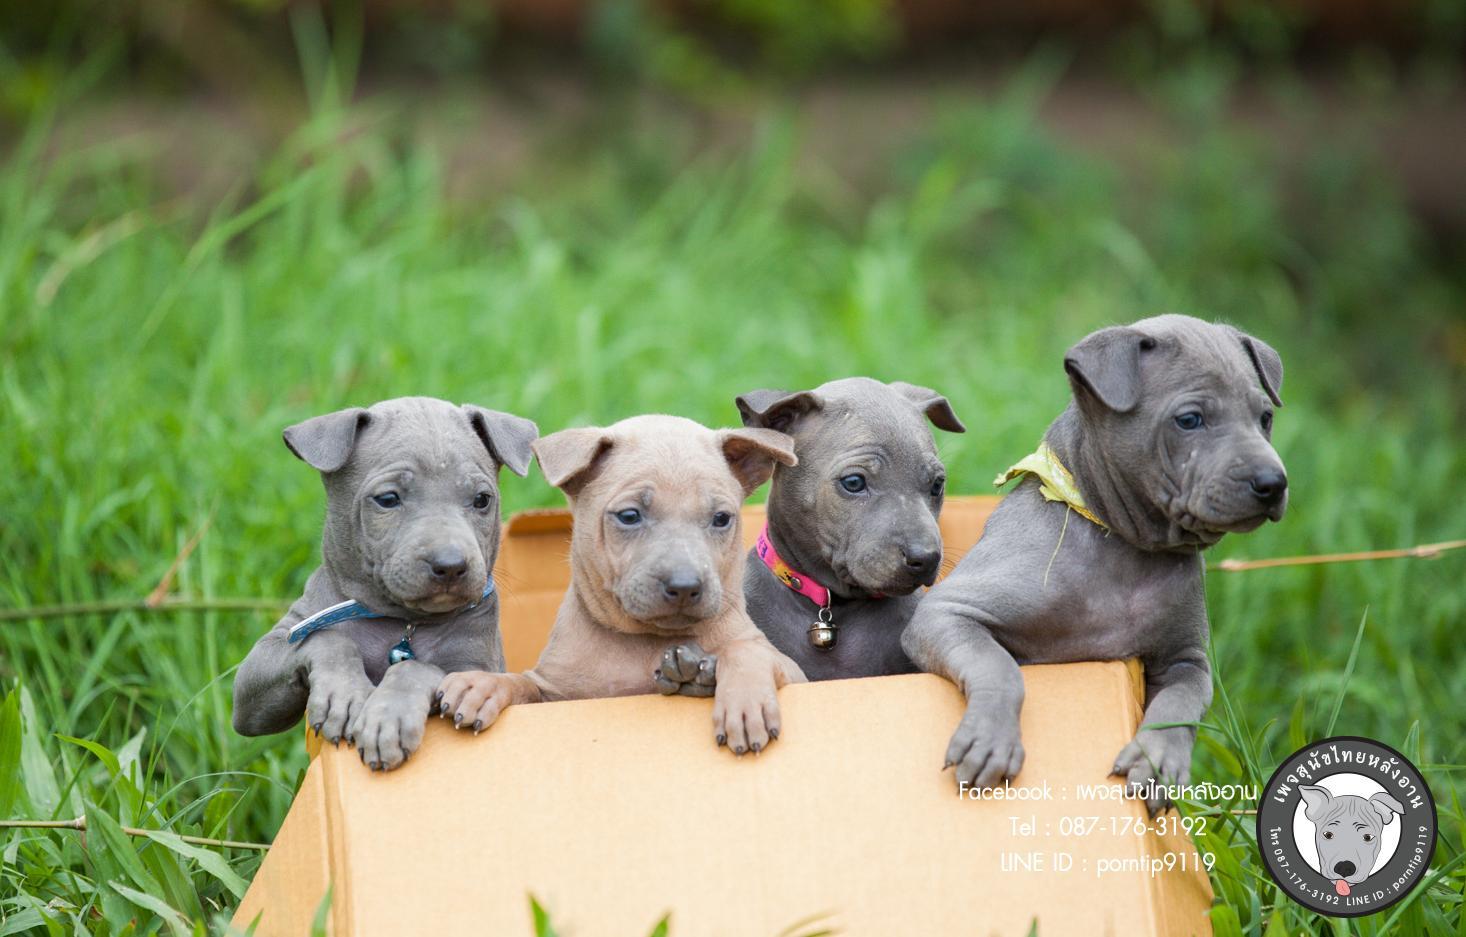 สุนัขไทยหลังอาน ขายสุนัขไทยหลังอาน   ลูกสุนัขไทยหลังอานnet-0036